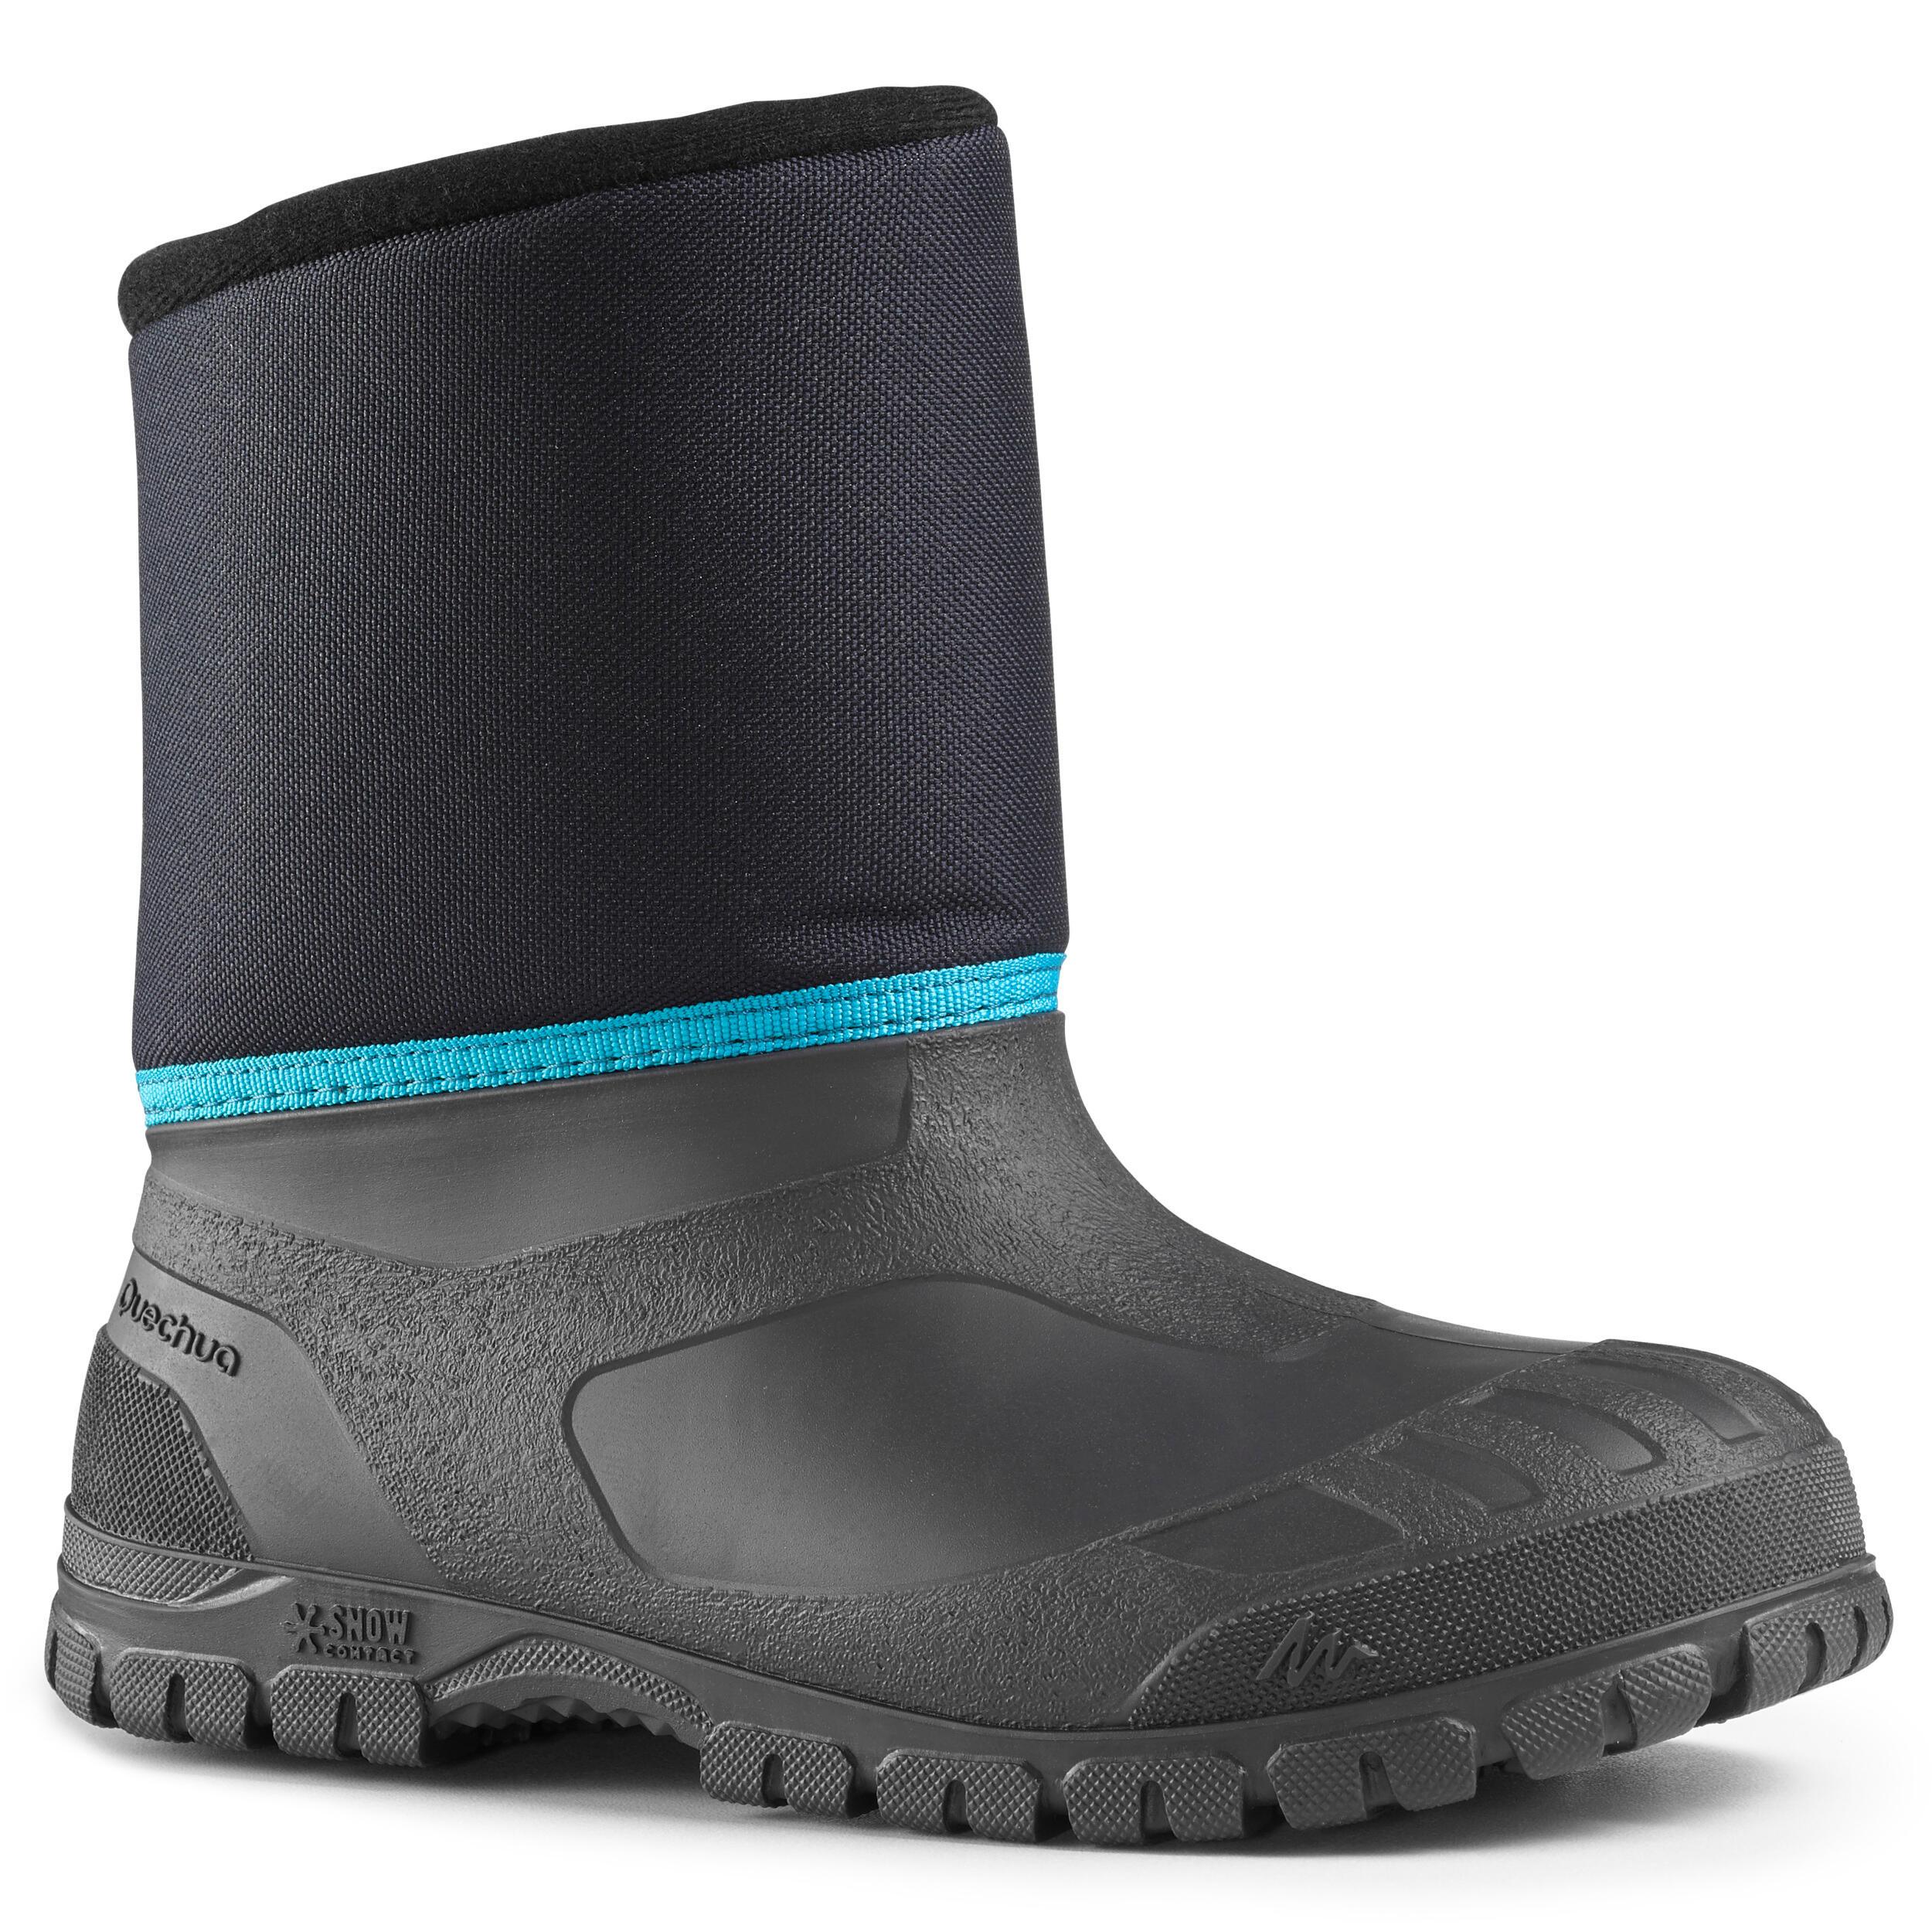 Quechua Kinder wandellaarzen voor de sneeuw SH100 warm